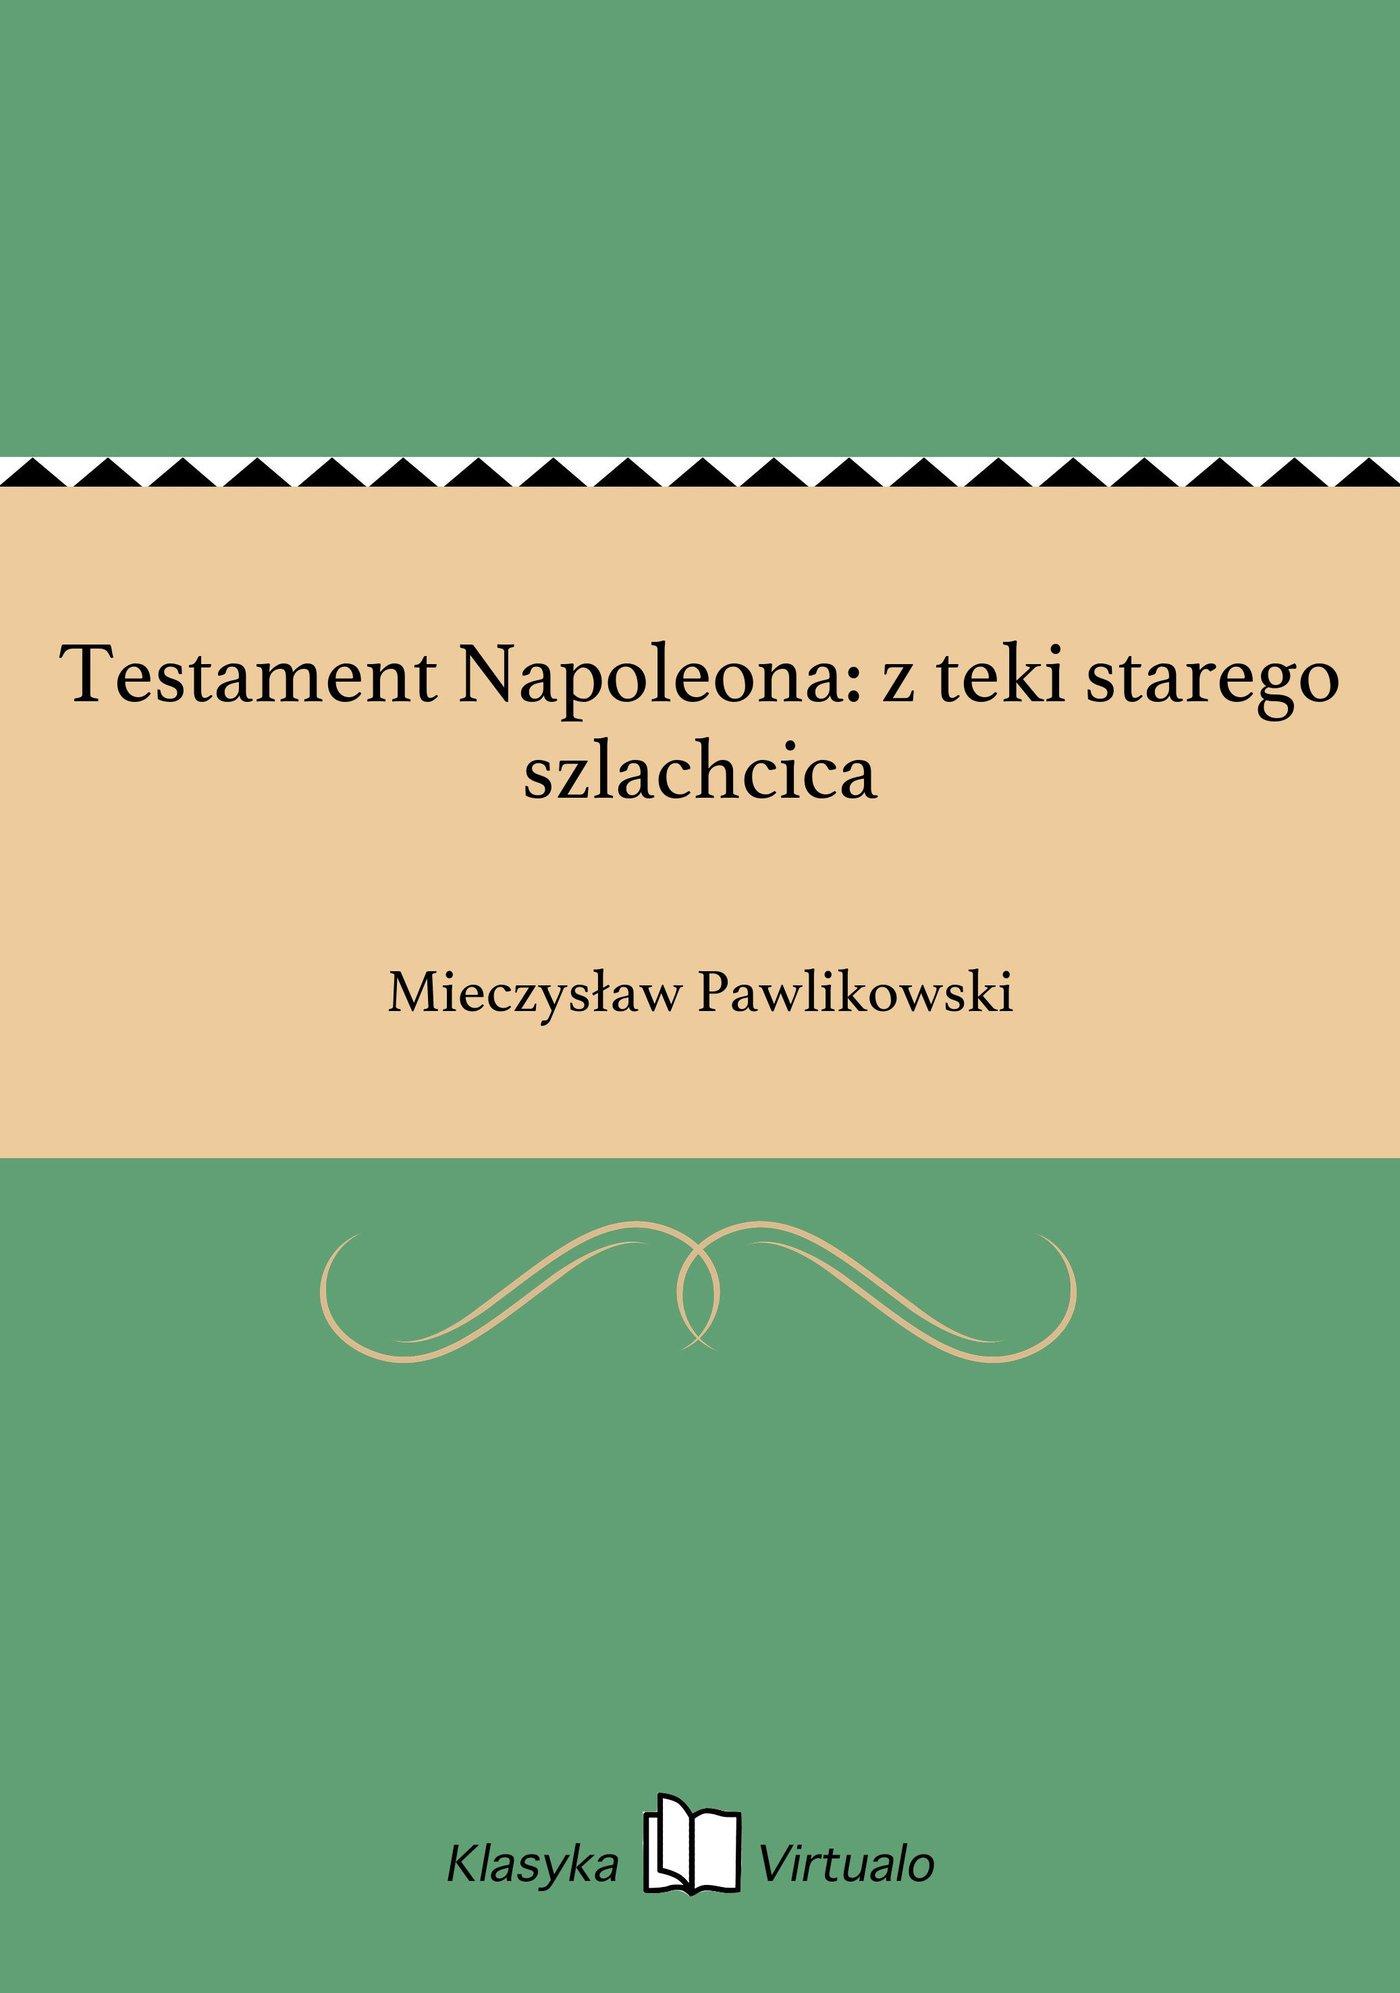 Testament Napoleona: z teki starego szlachcica - Ebook (Książka EPUB) do pobrania w formacie EPUB